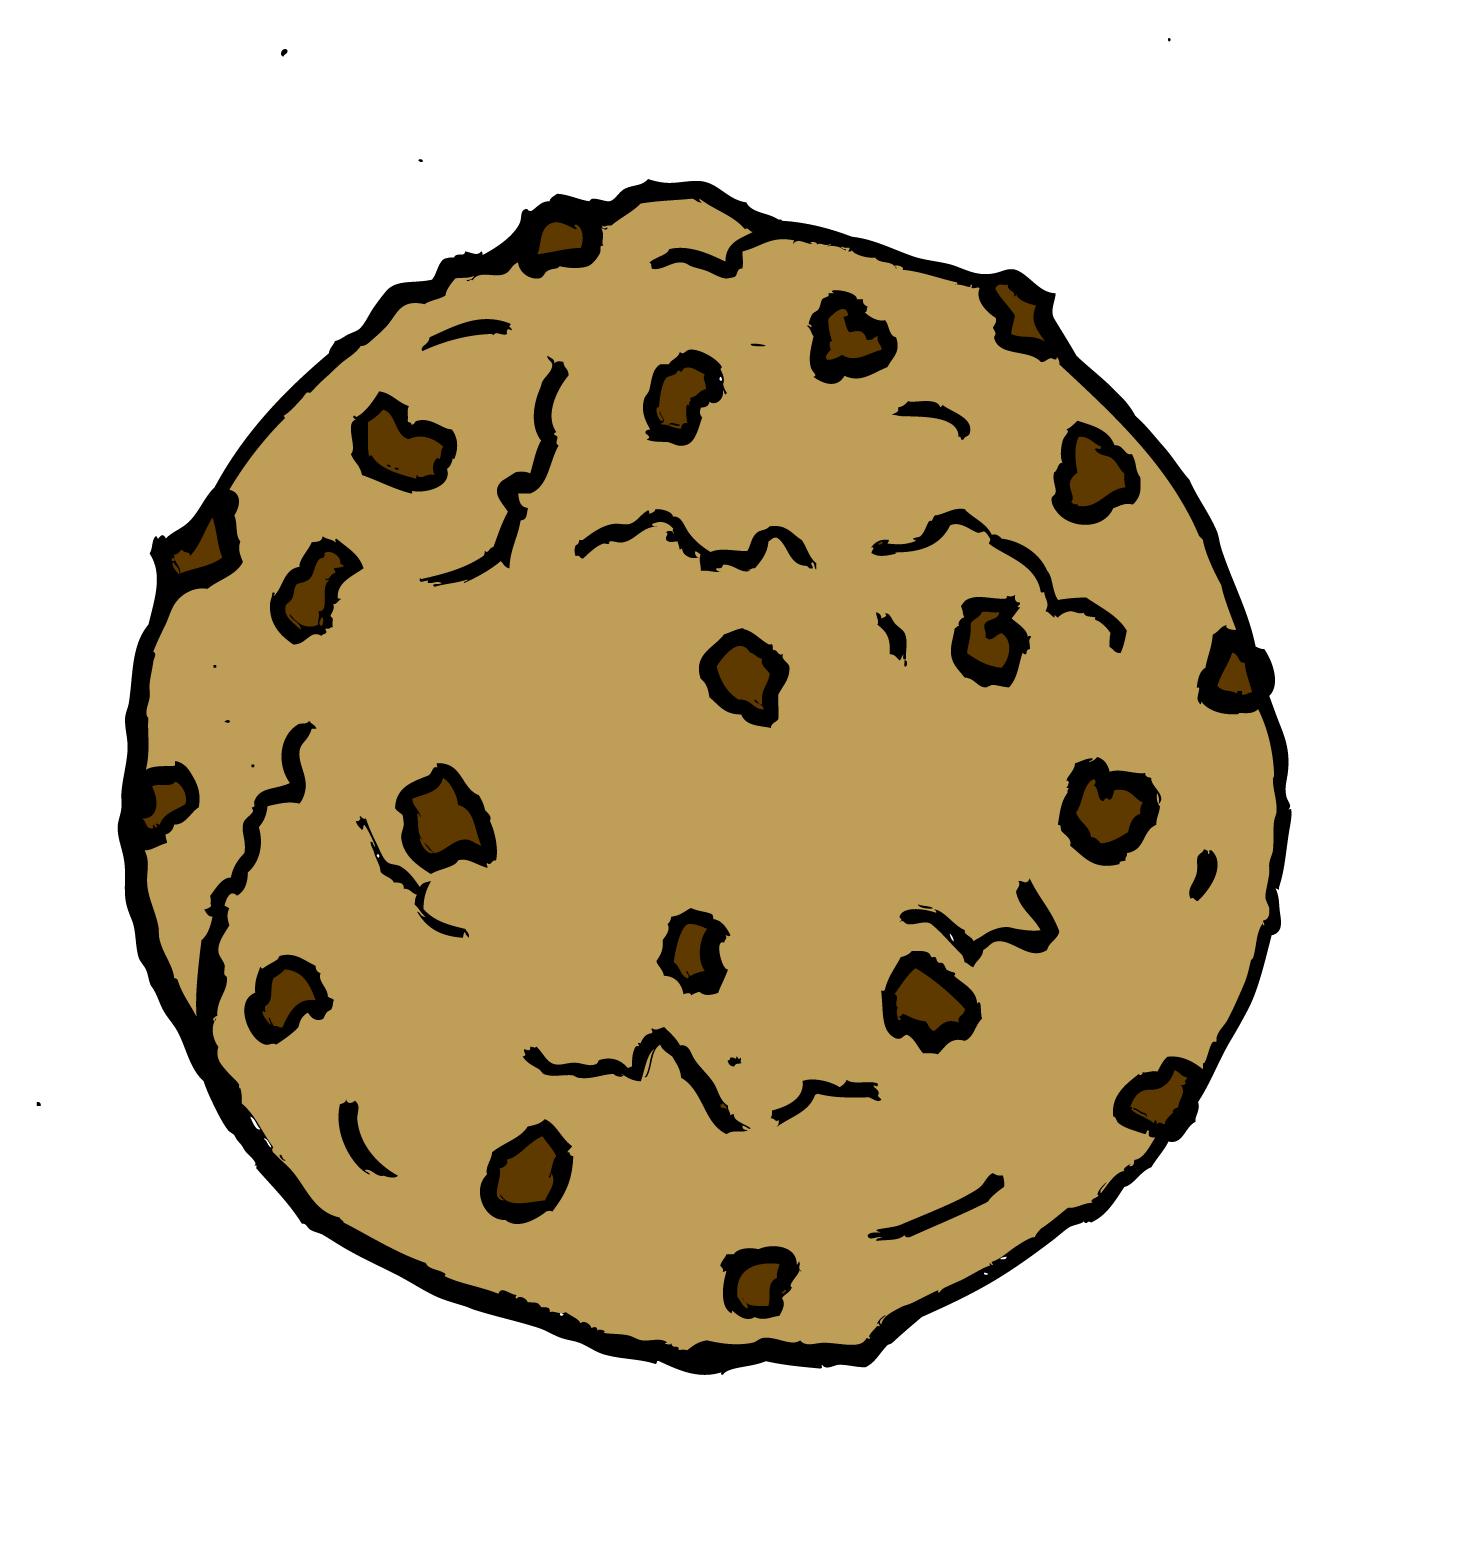 Clipart Cookies u0026amp; Cookies Clip A-Clipart Cookies u0026amp; Cookies Clip Art Images - ClipartALL clipartall.com-17